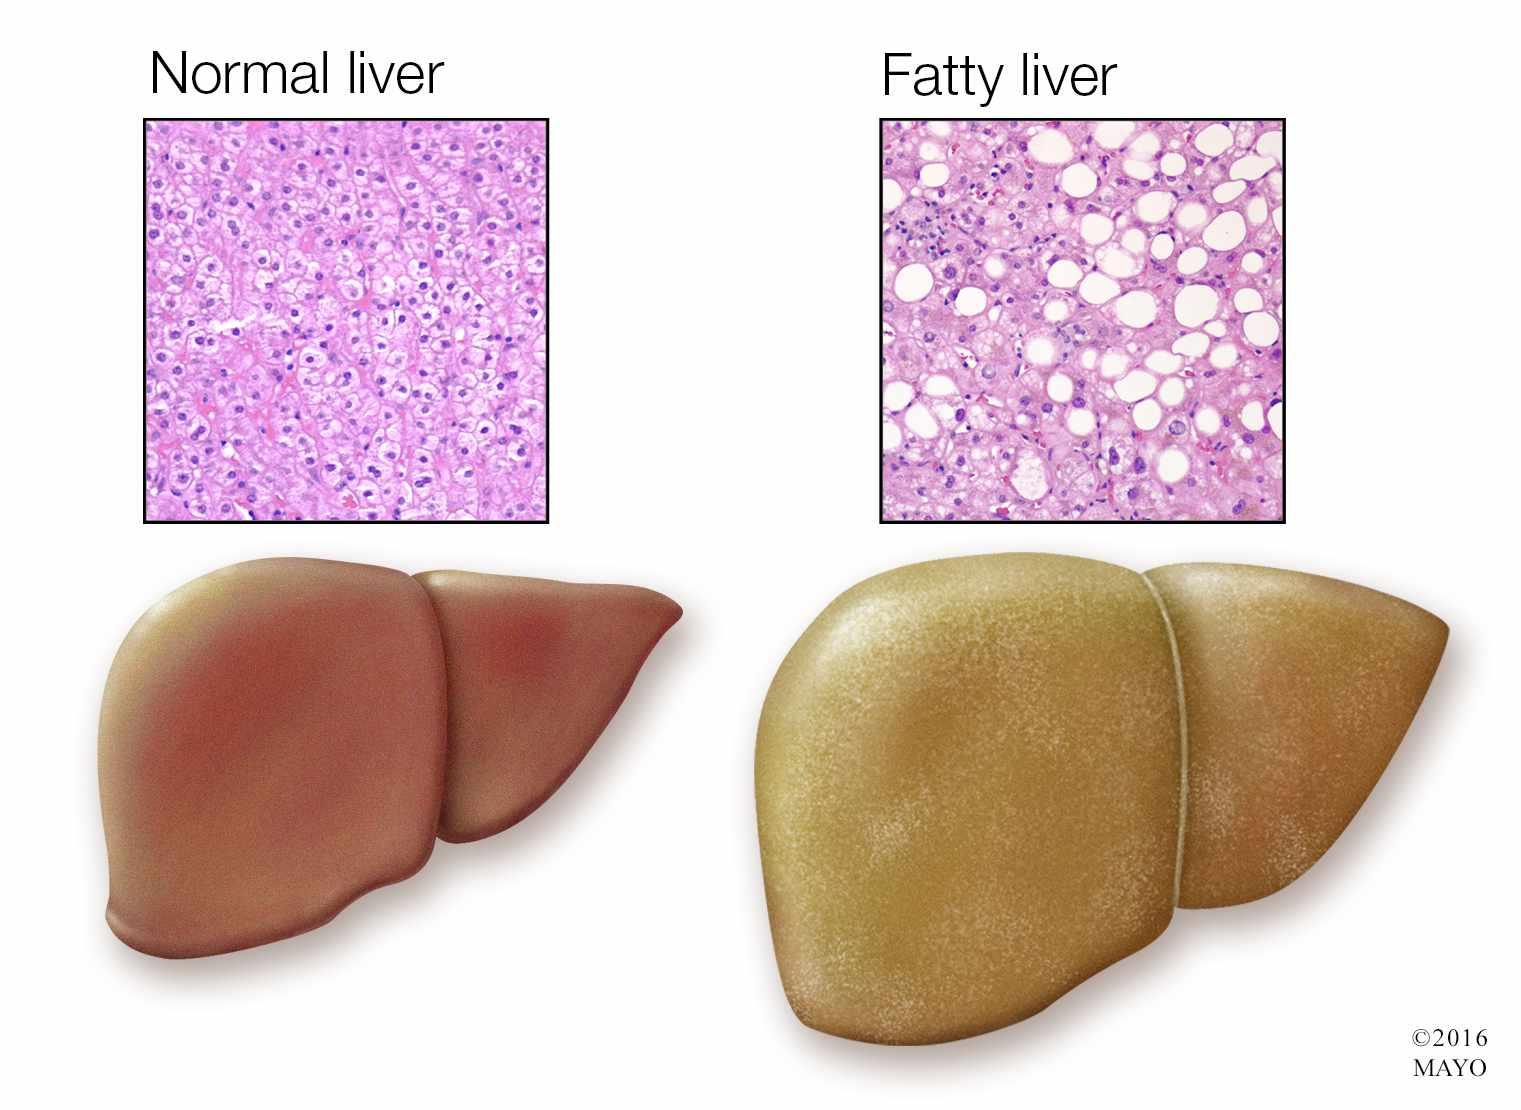 Ilustración médica de un hígado normal (izquierda) y un hígado graso (derecha)